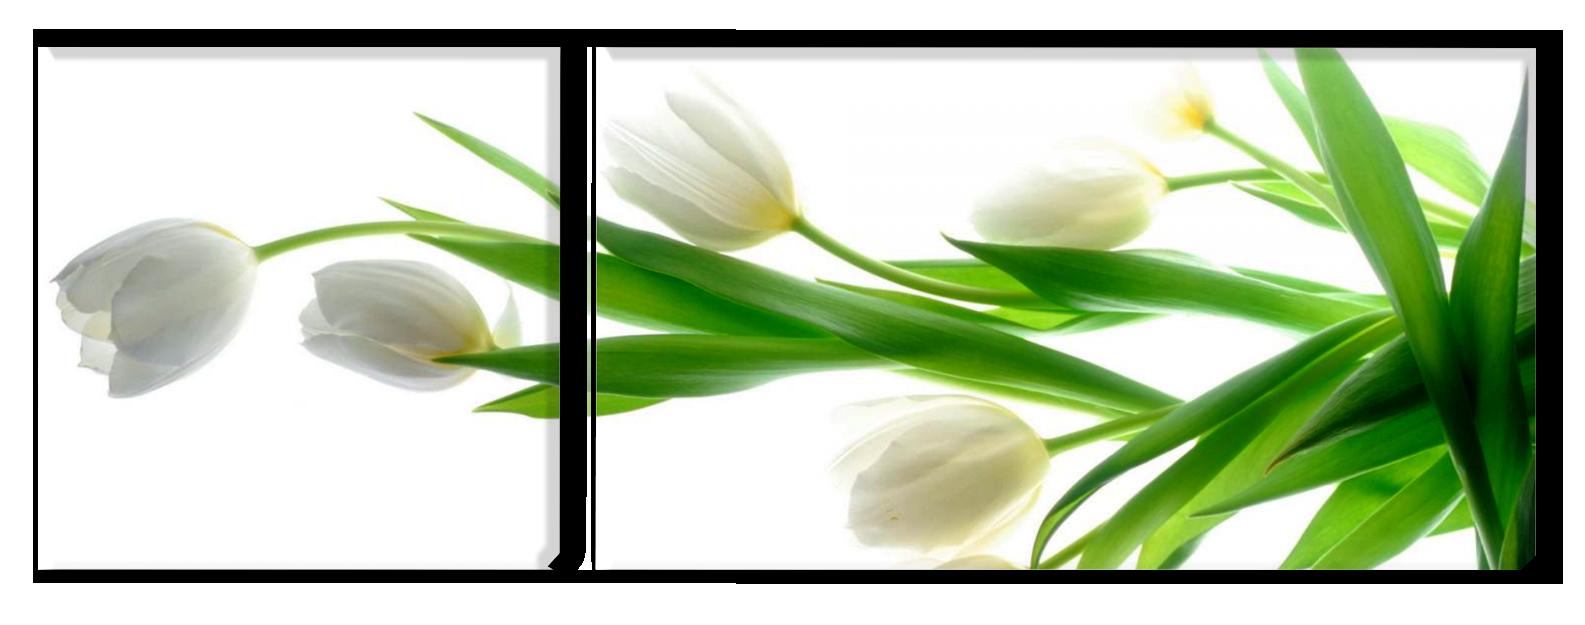 Met tulpen haal je de lente in huis - foto op canvas van tulpen